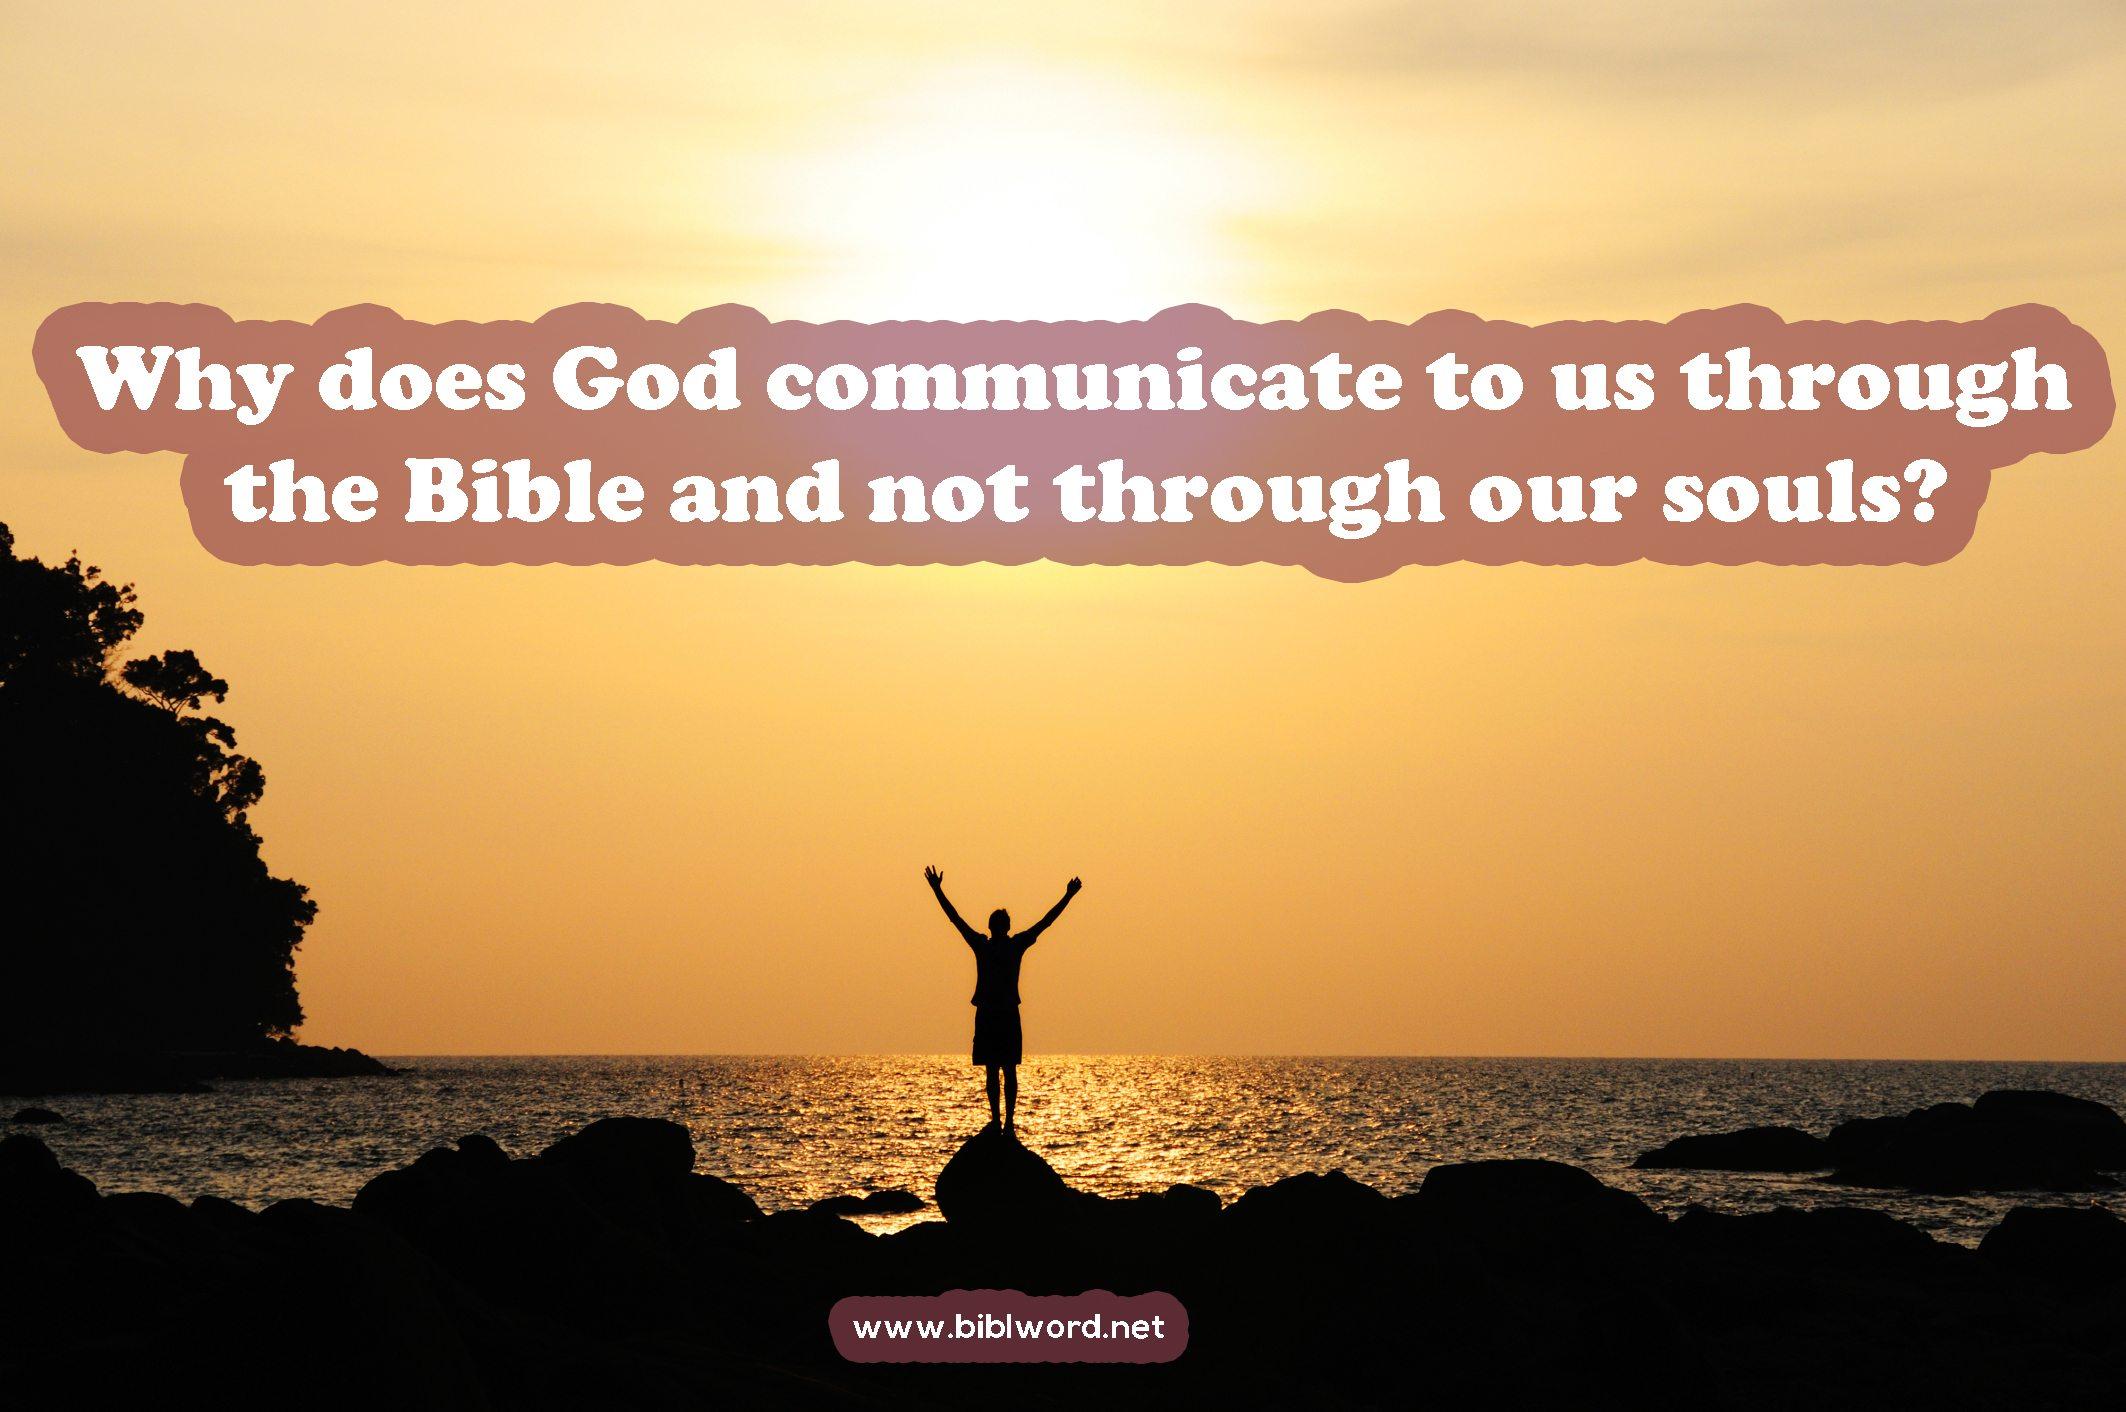 ¿Por qué Dios se comunica con nosotros a través de la Biblia?